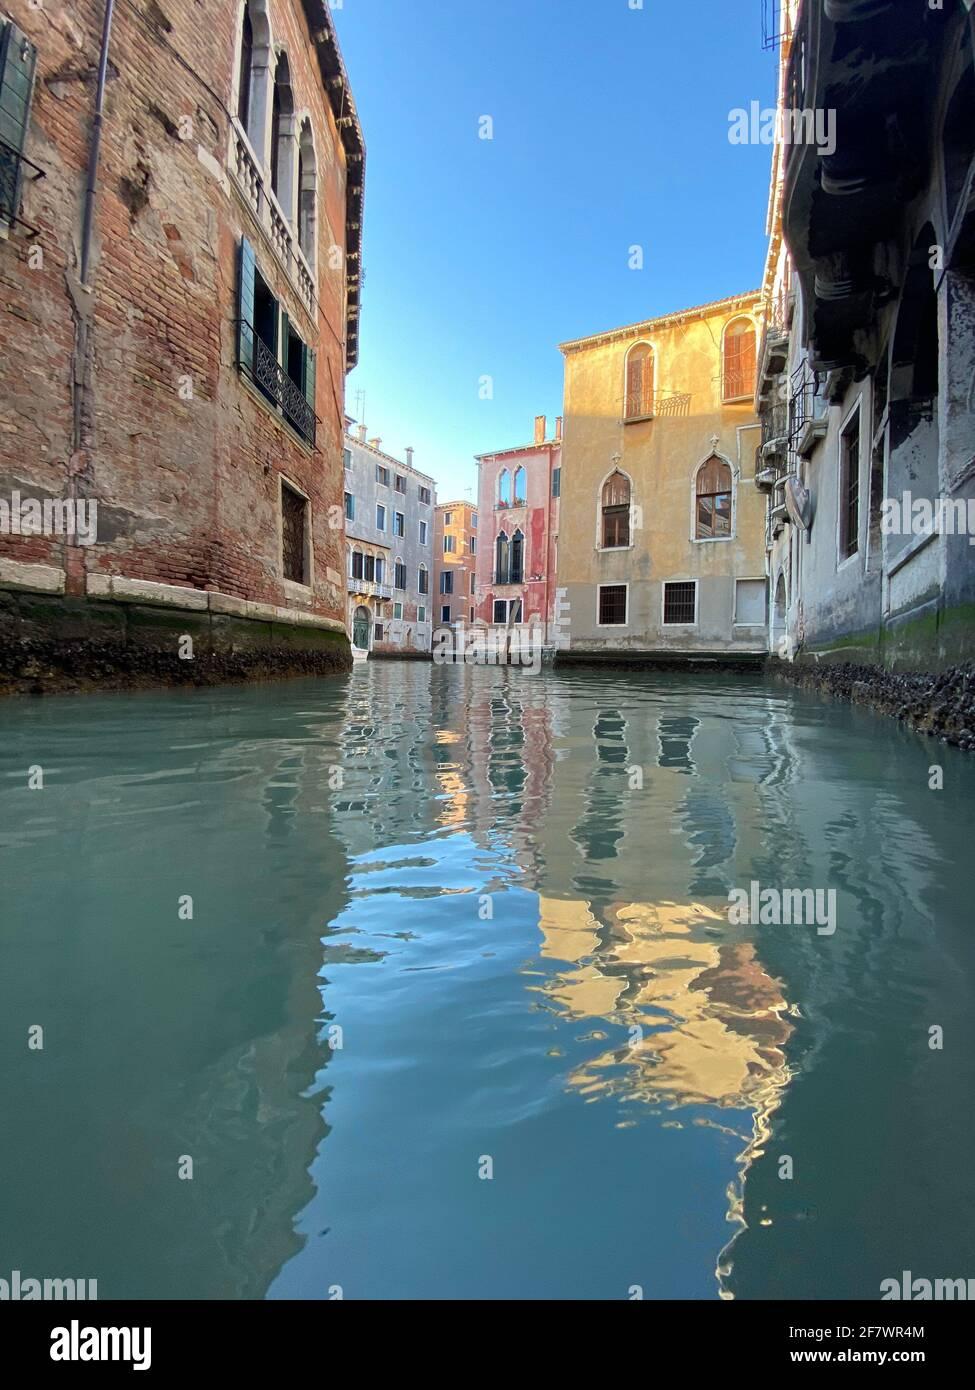 Piccolo canale colorato a Venezia durante la crisi COVID-19, nessuna gente Foto Stock